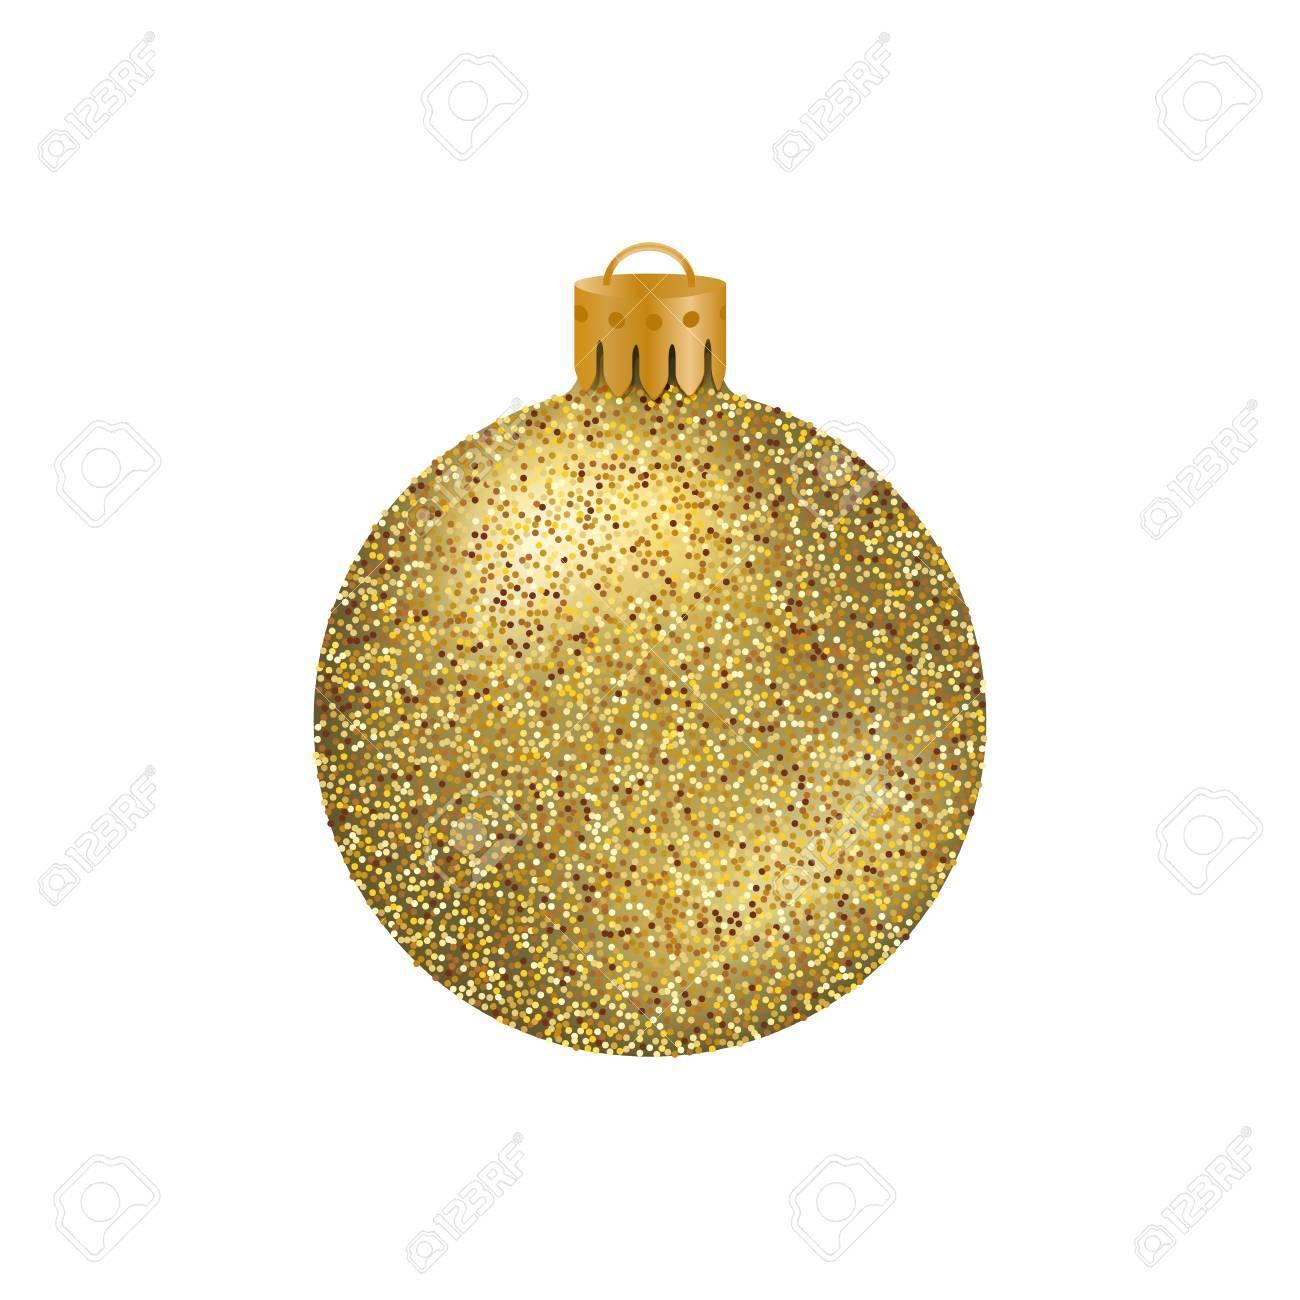 Réaliste Boule De Noël Doré Ou Babiole Avec Des Paillettes Texture